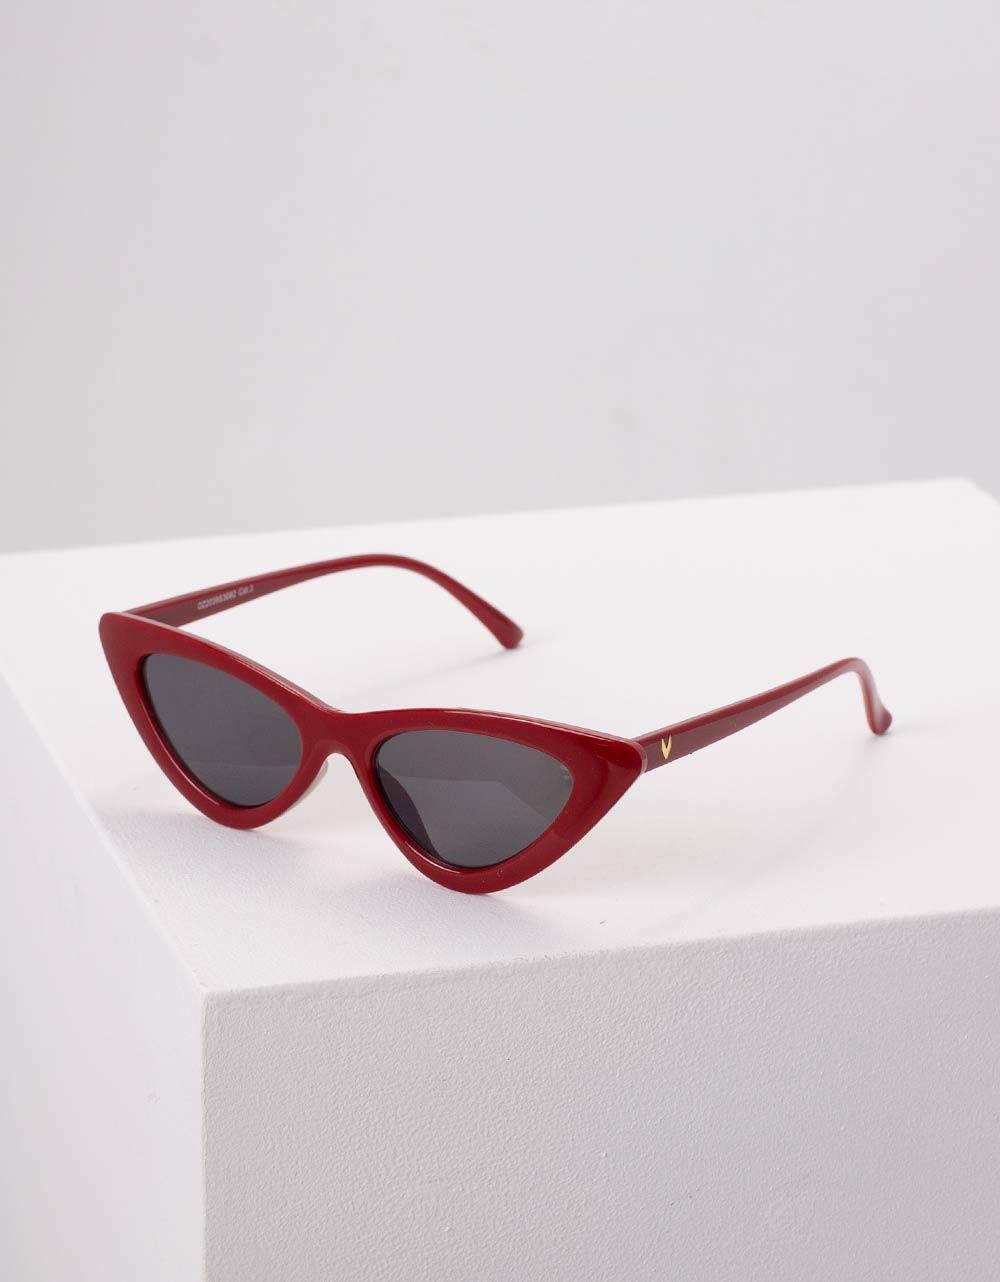 Εικόνα από Γυναικεία γυαλιά ηλίου σε σχήμα πεταλούδα Μπορντώ